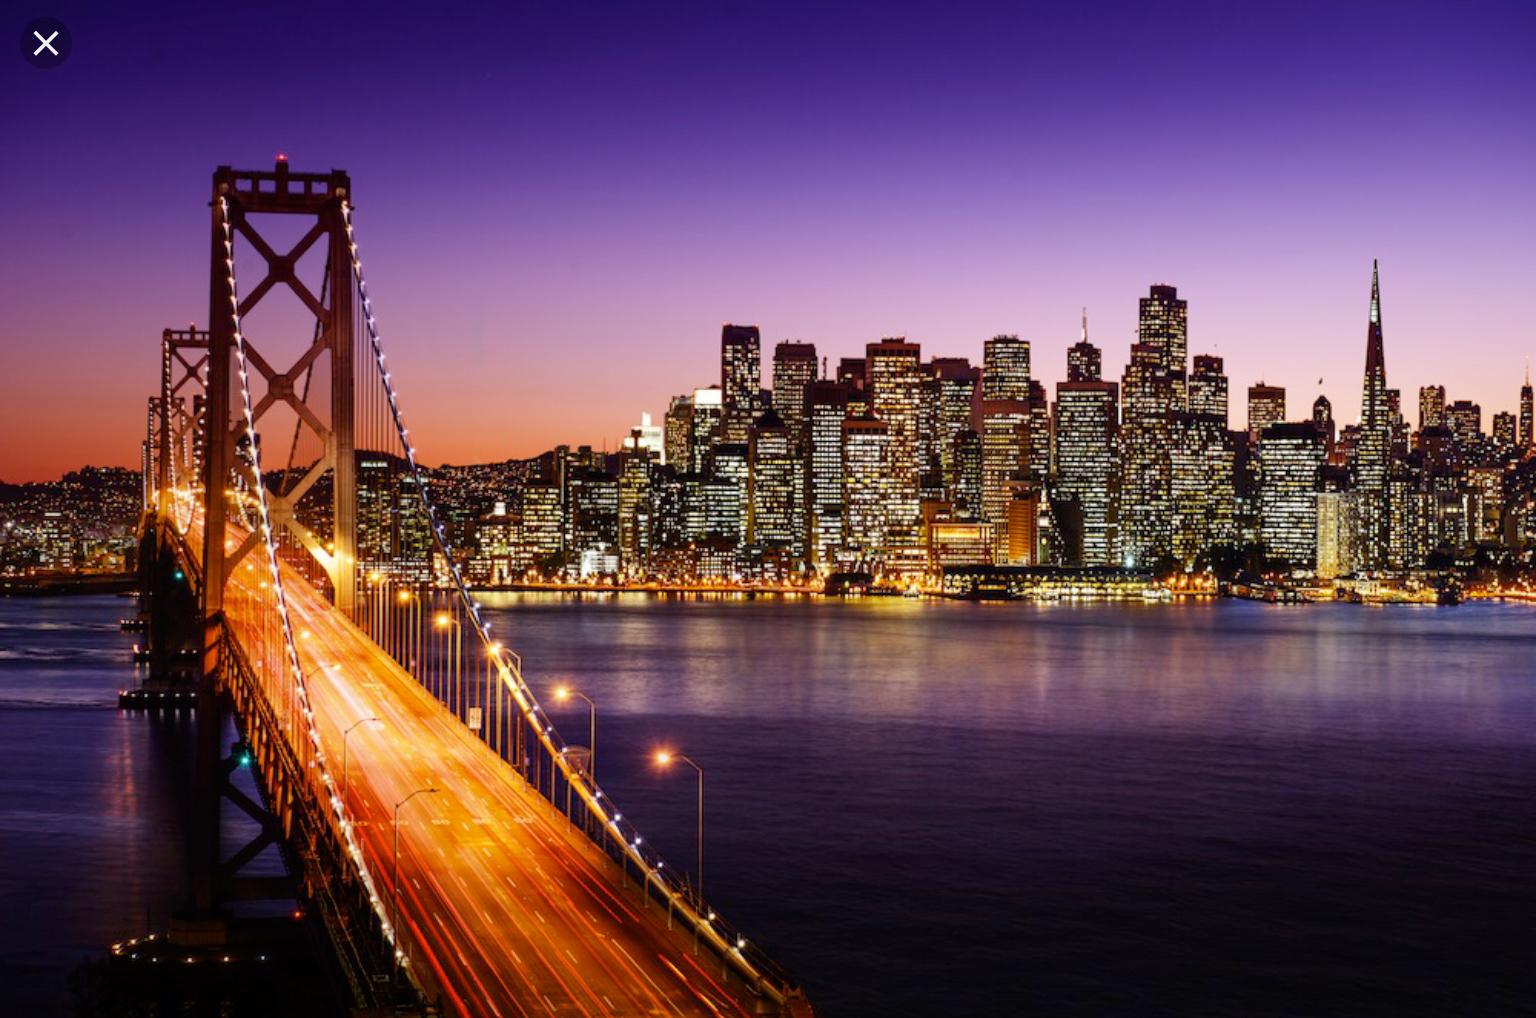 Vuelos a SAN FRANCISCO, SOLO 215€ ida y vuelta directo. Semana Santa y más fechas.